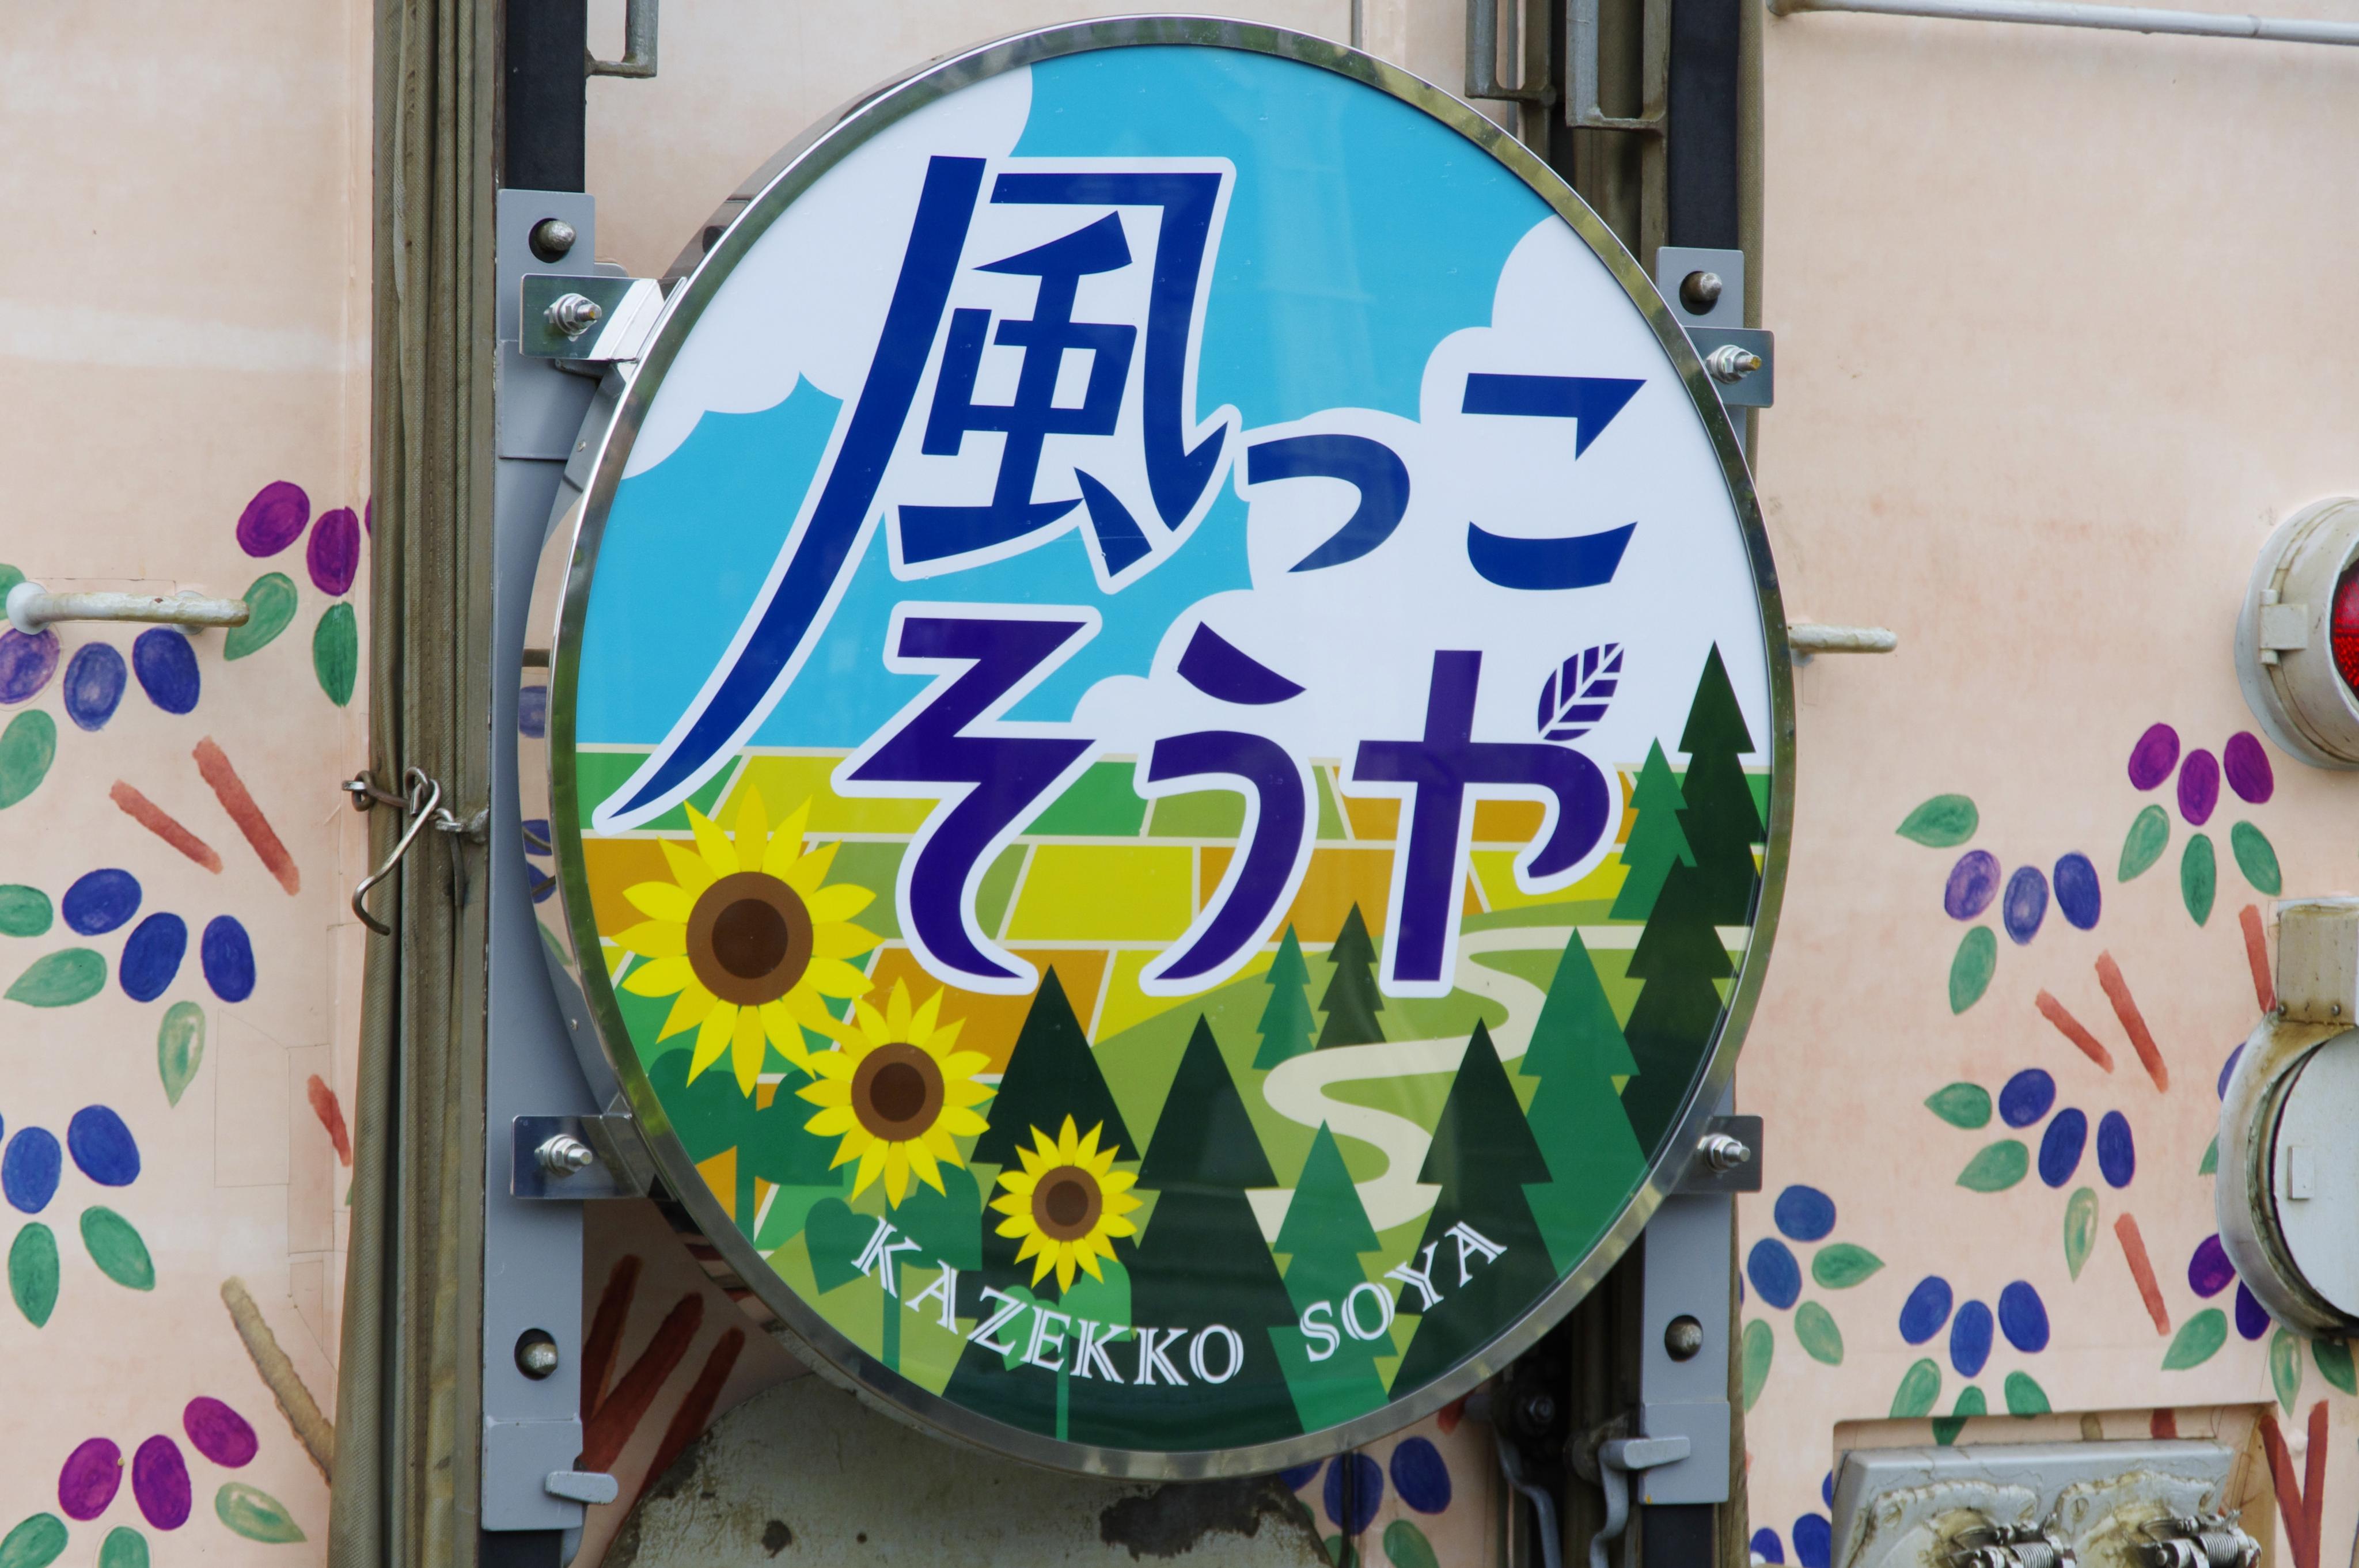 風っこ そうや 音威子府駅 トレインマーク.jpg